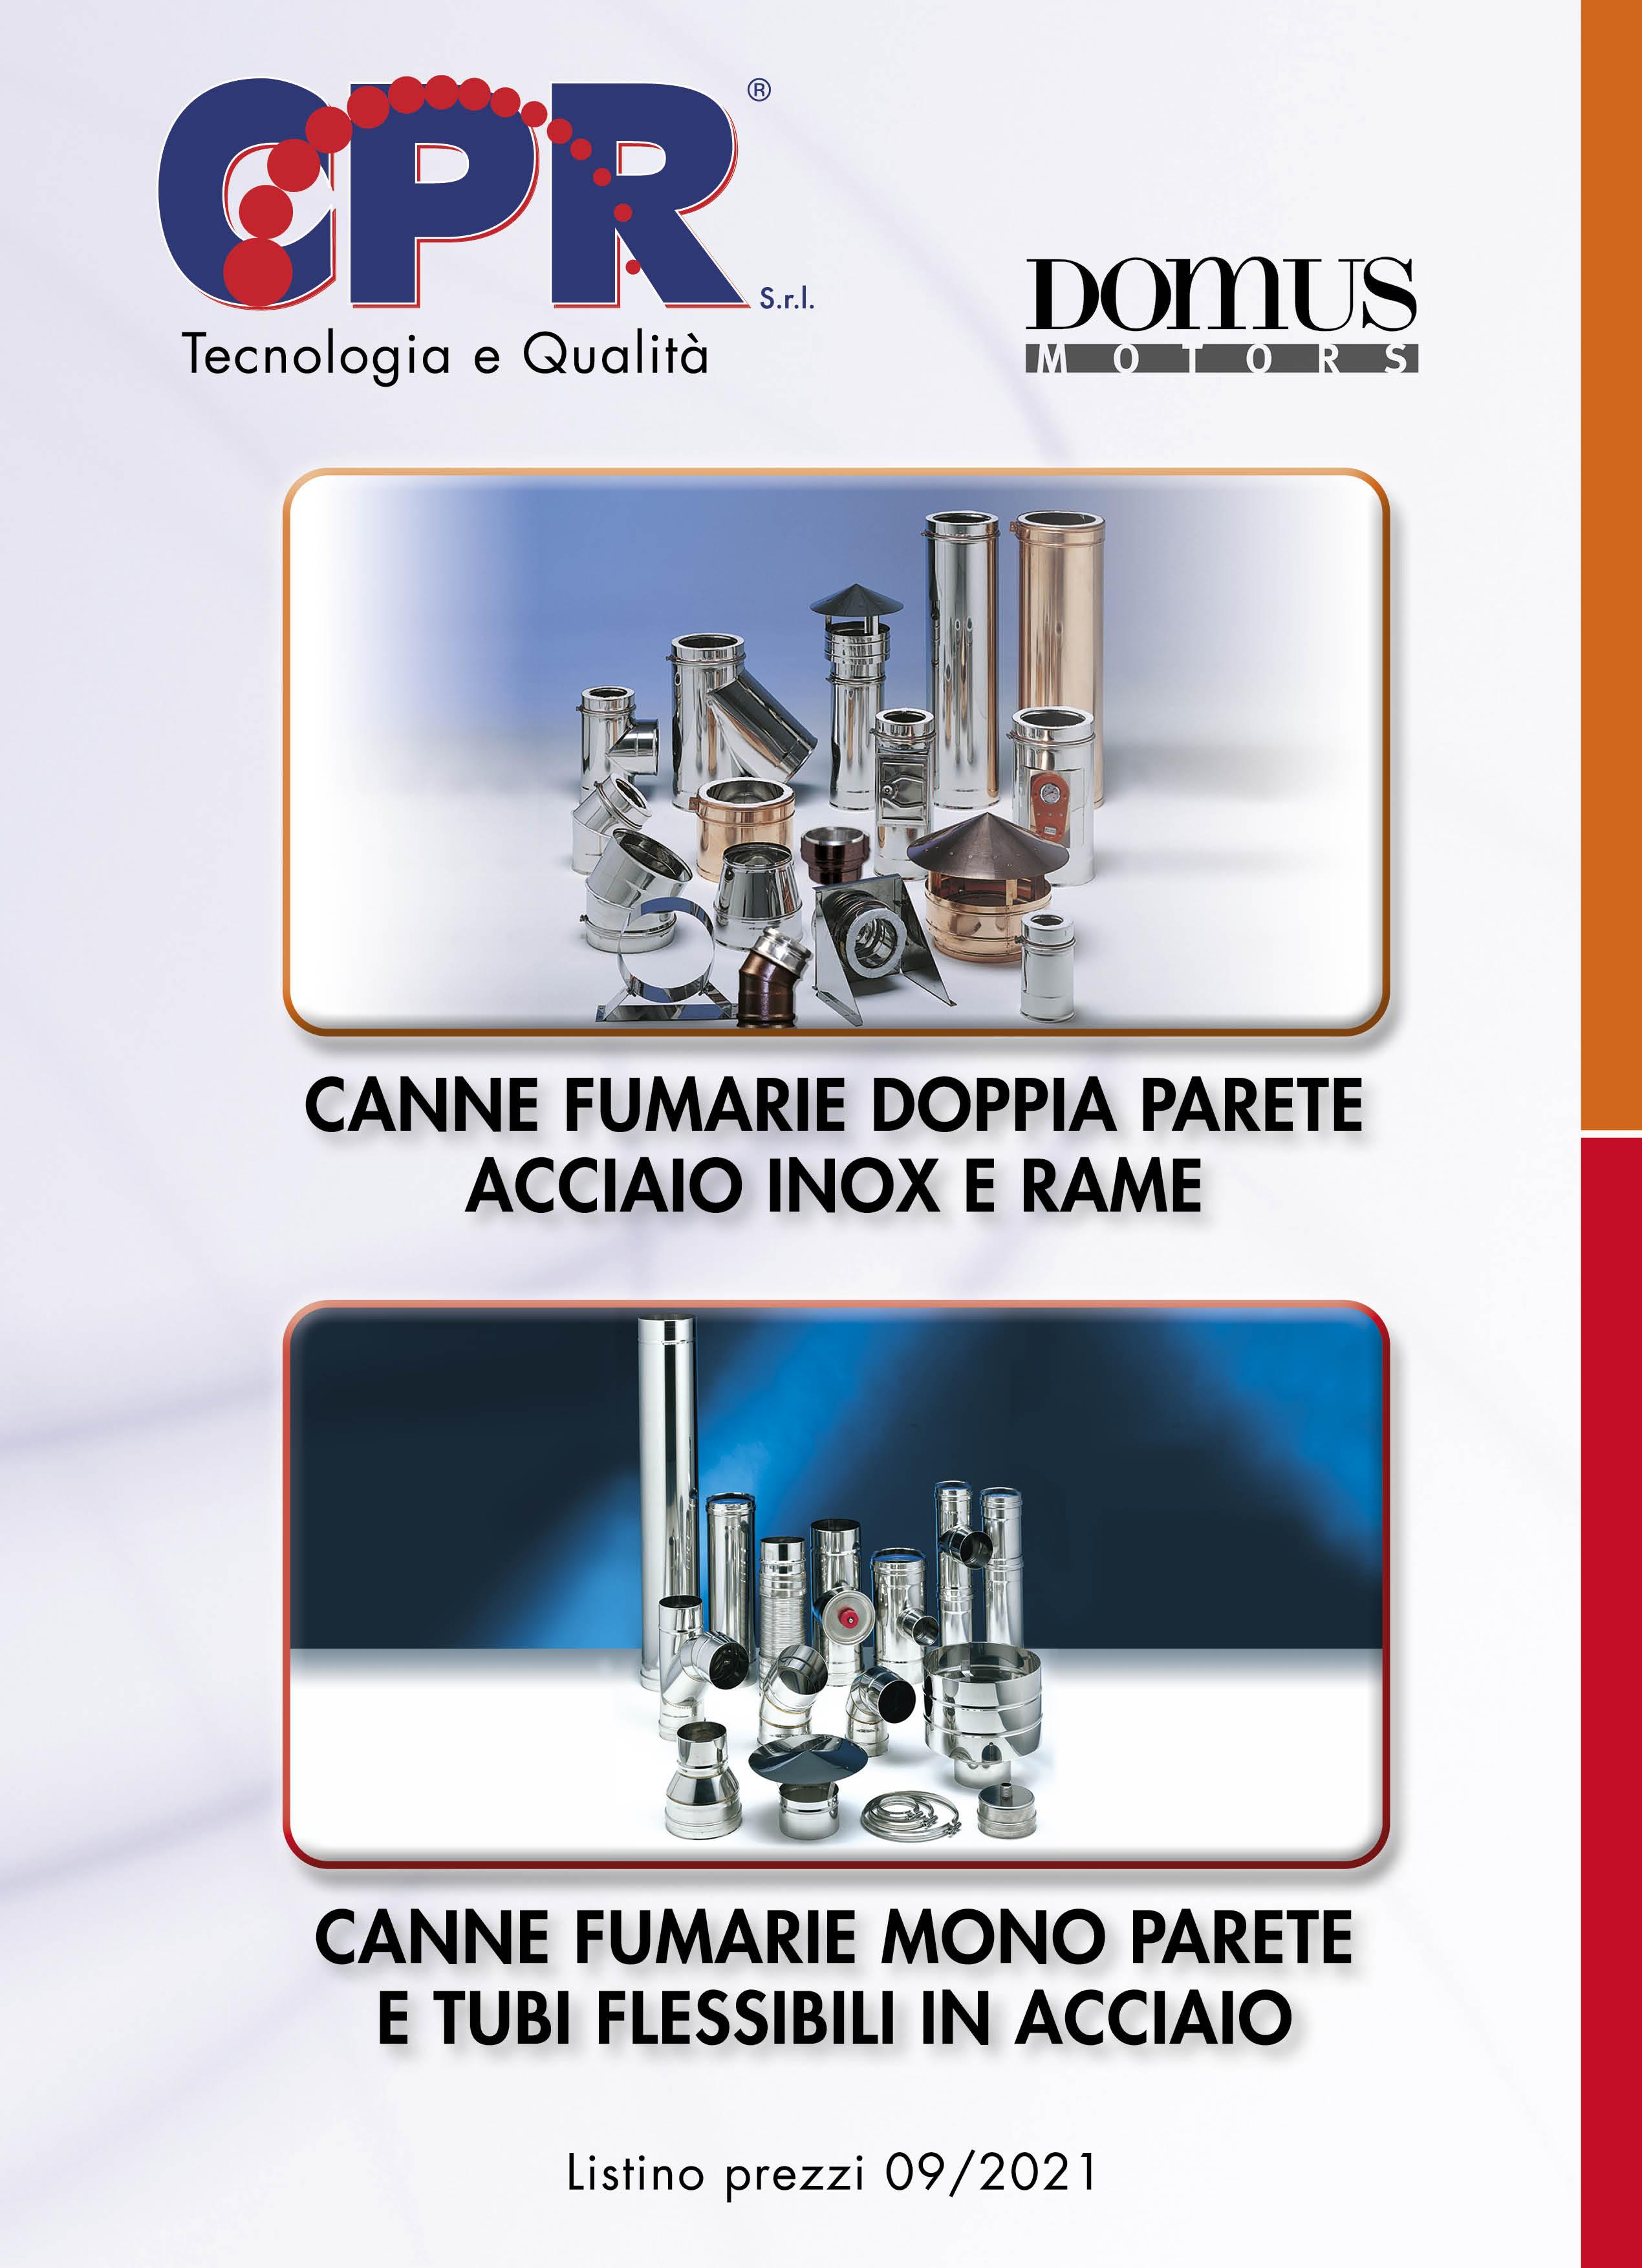 Canne fumarie a mono e doppia parete e tubi flessibili in acciaio 09/2021